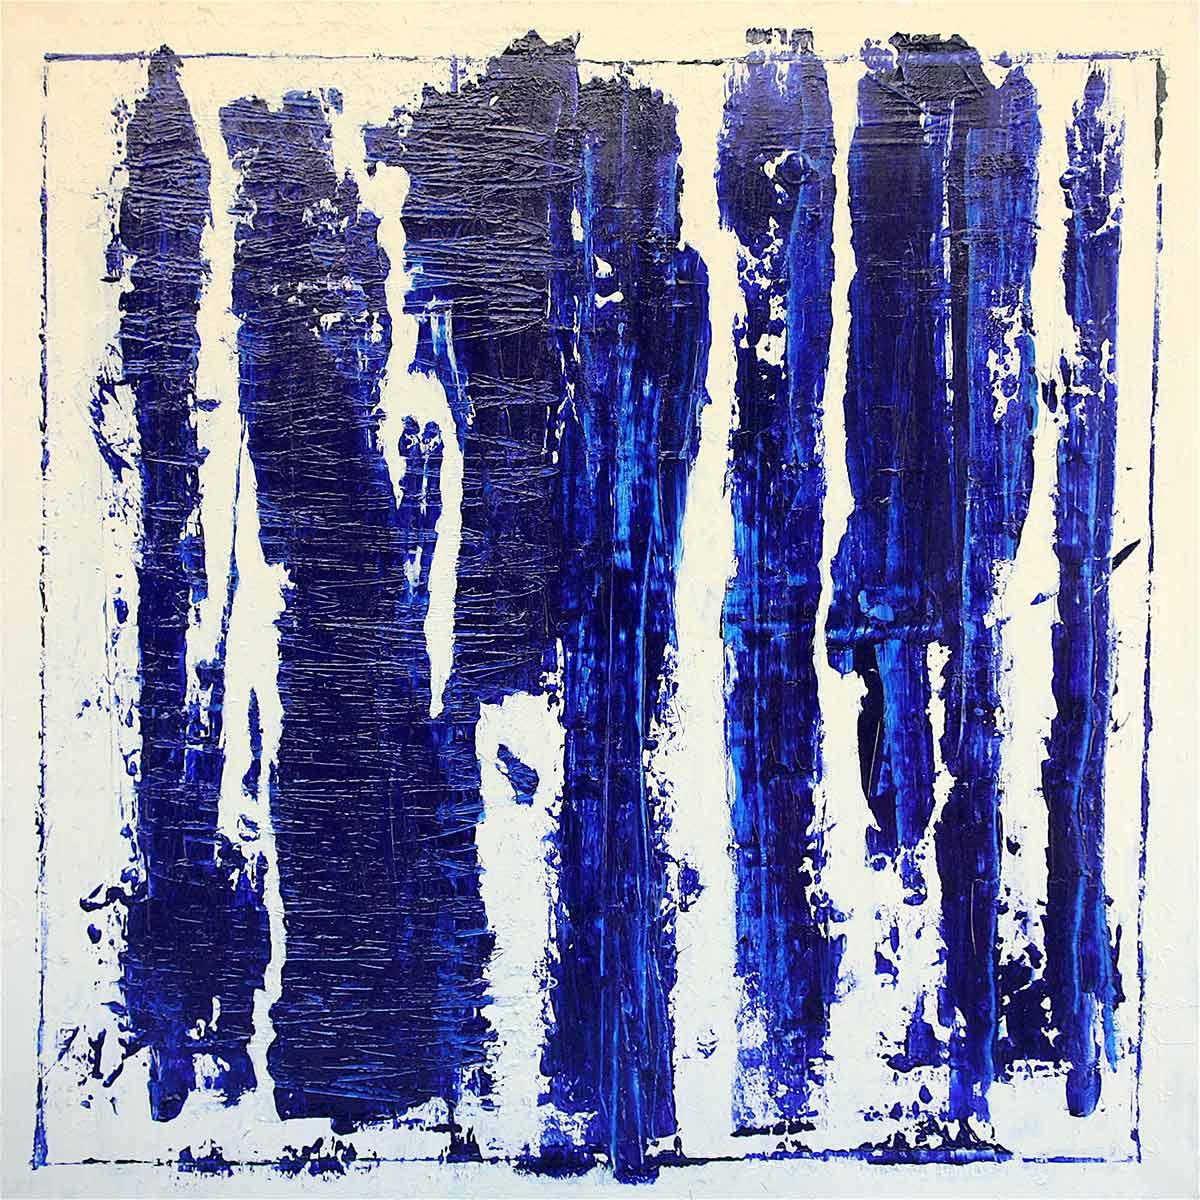 Fabio Valente - La bellezza delle cose - Acrilico 120 x 120